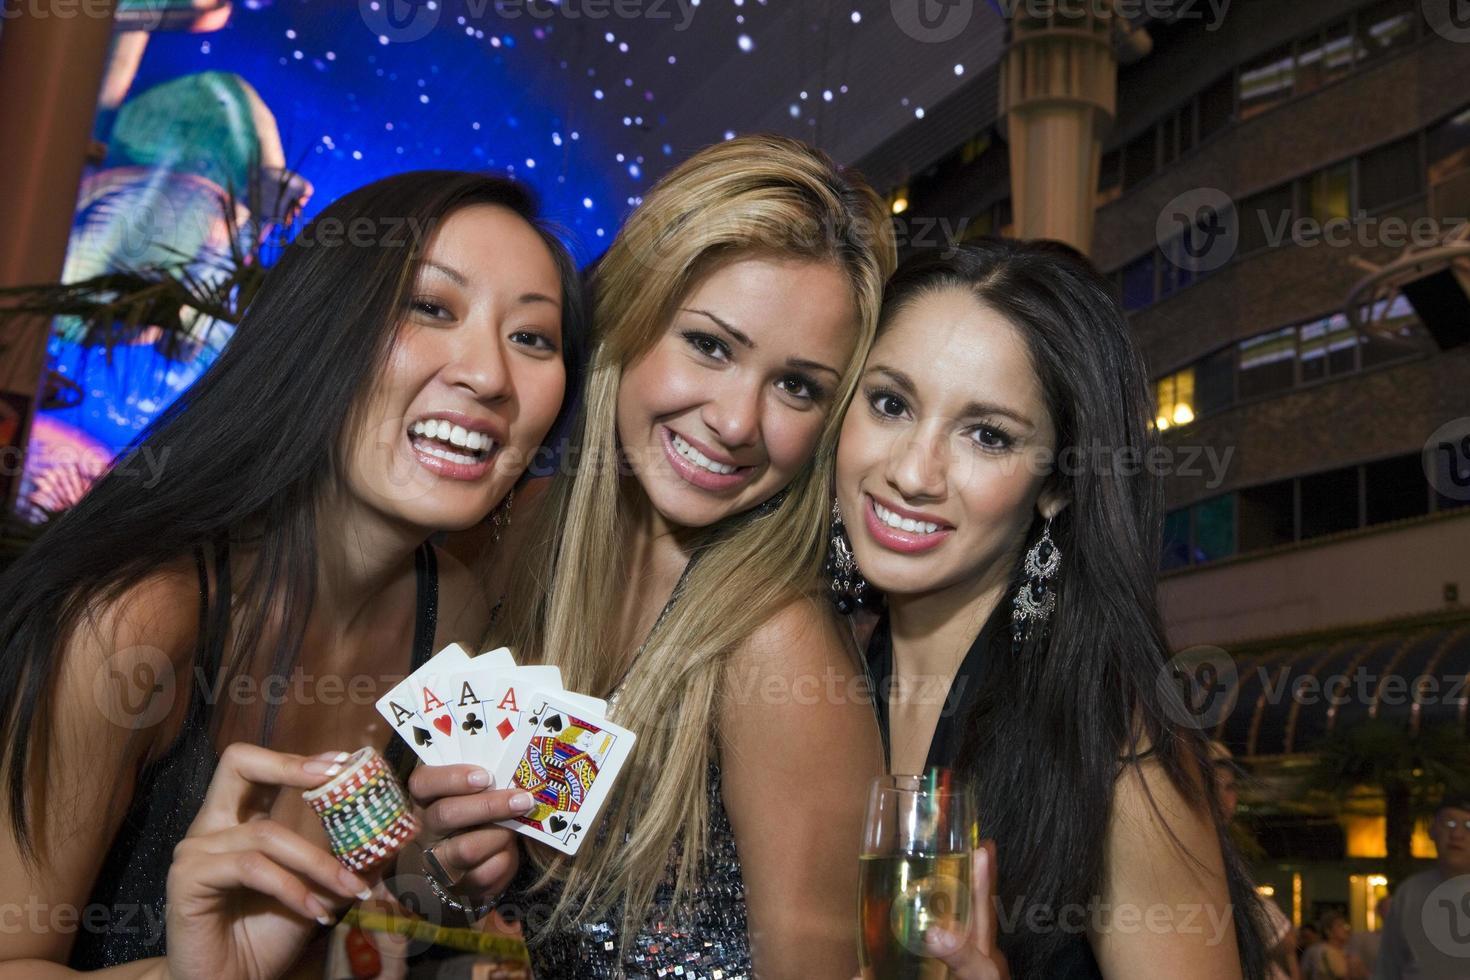 Three women in Vegas photo